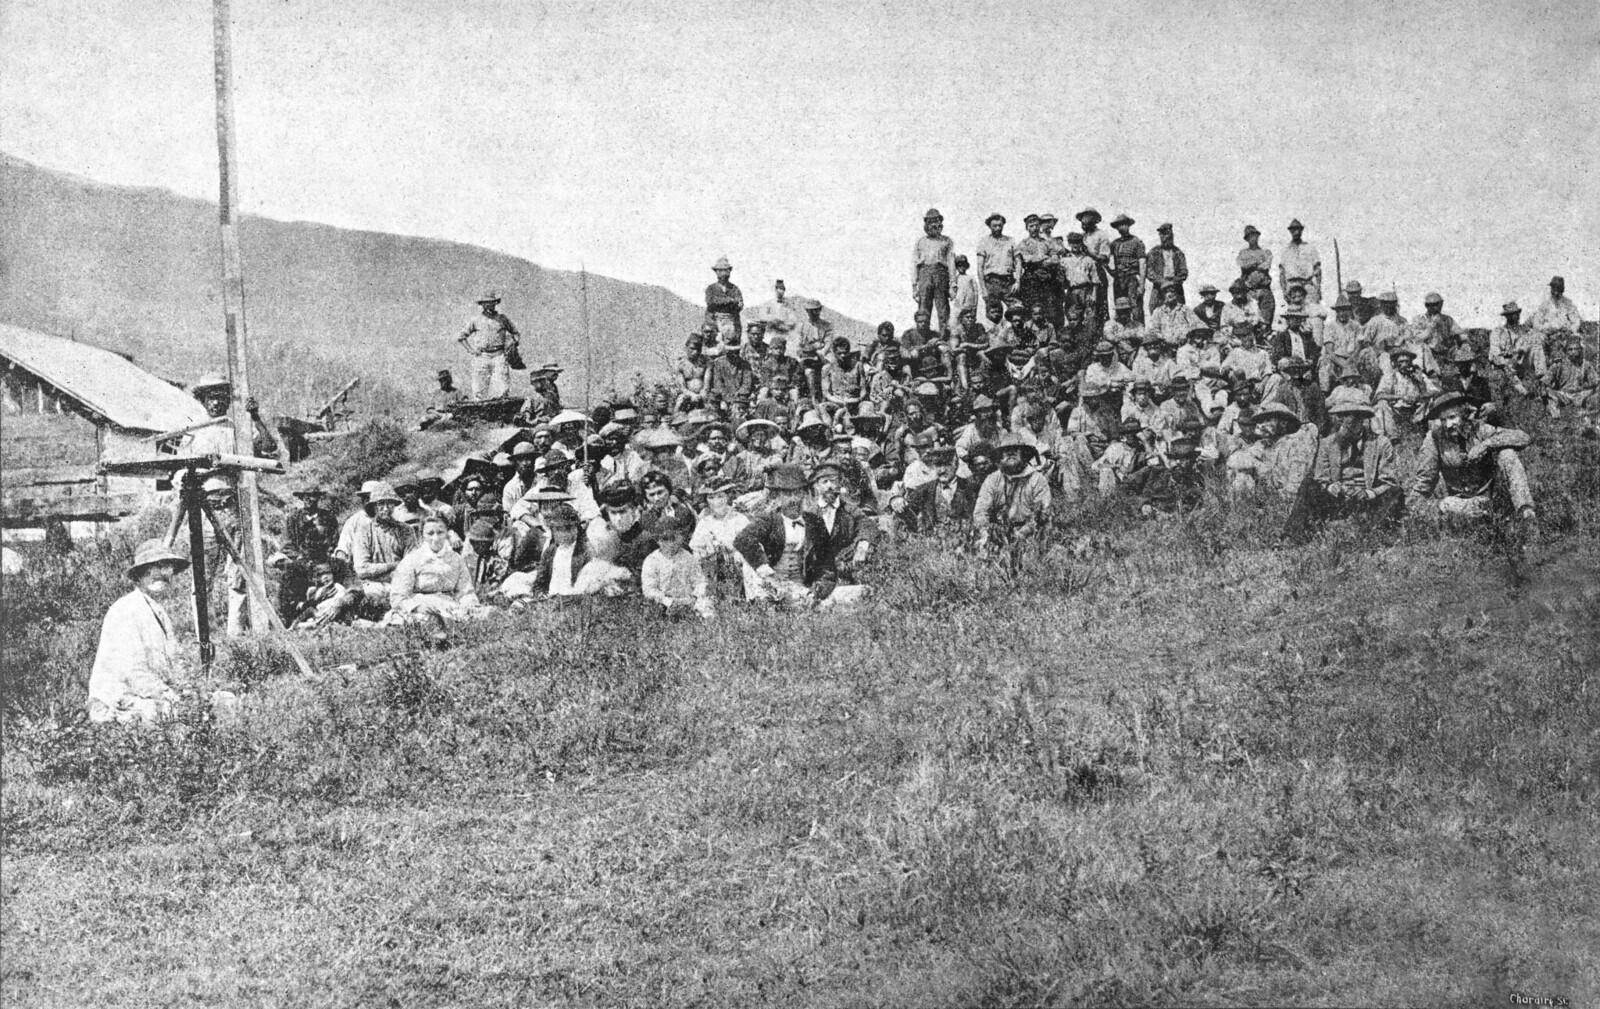 1872. Группа перемещенных осужденных участников событий Парижской Коммуны на полуострове Дукос, Новая Каледония